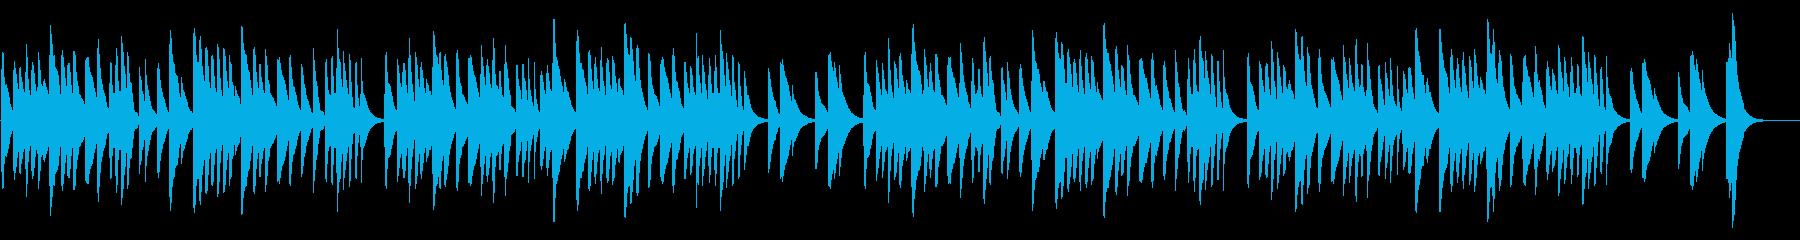 どんぐりころころ 18弁オルゴールの再生済みの波形